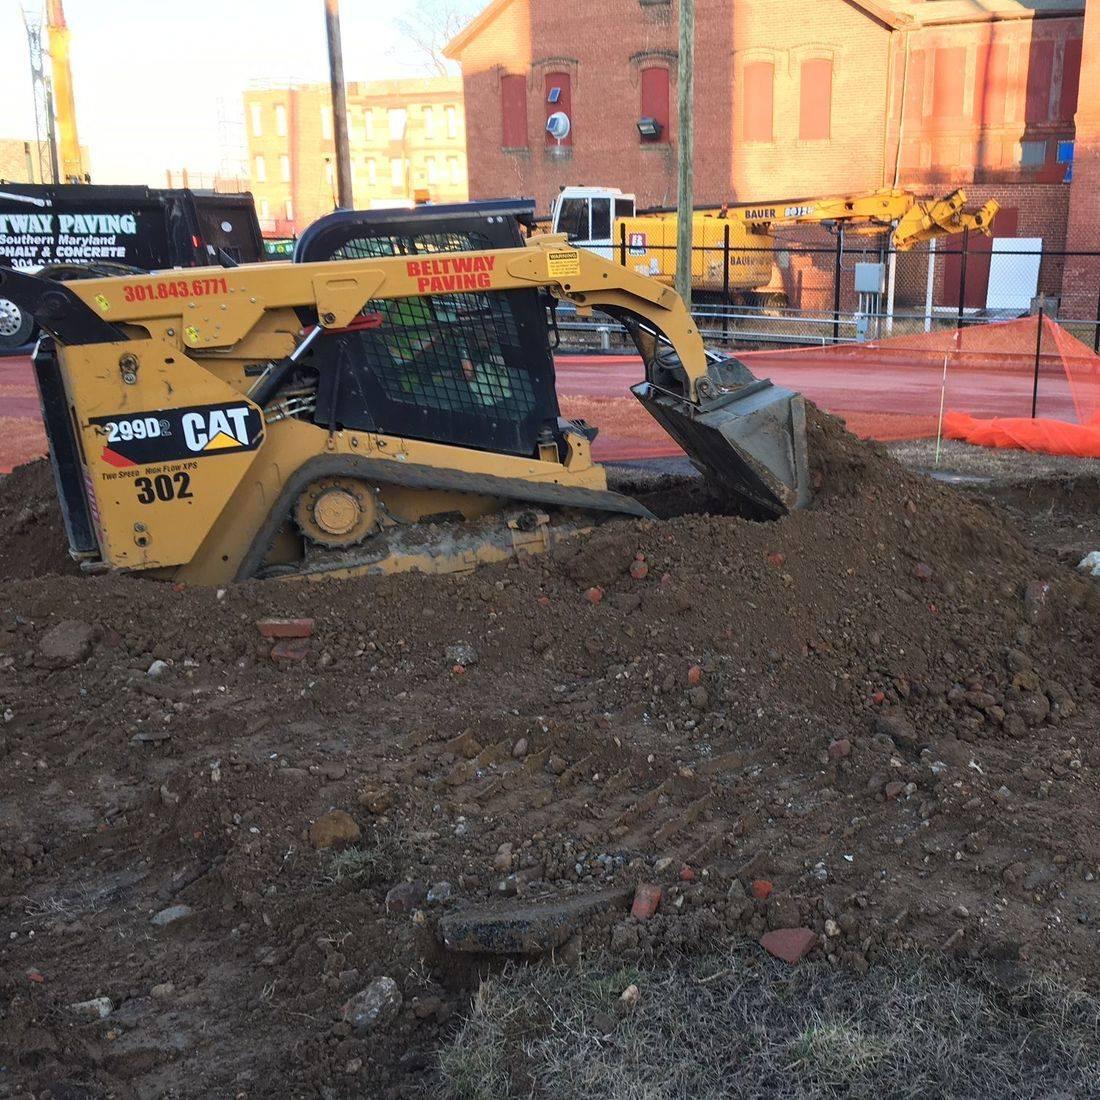 Excavation work at St. Elizabeths Campus in Washington, D.C.